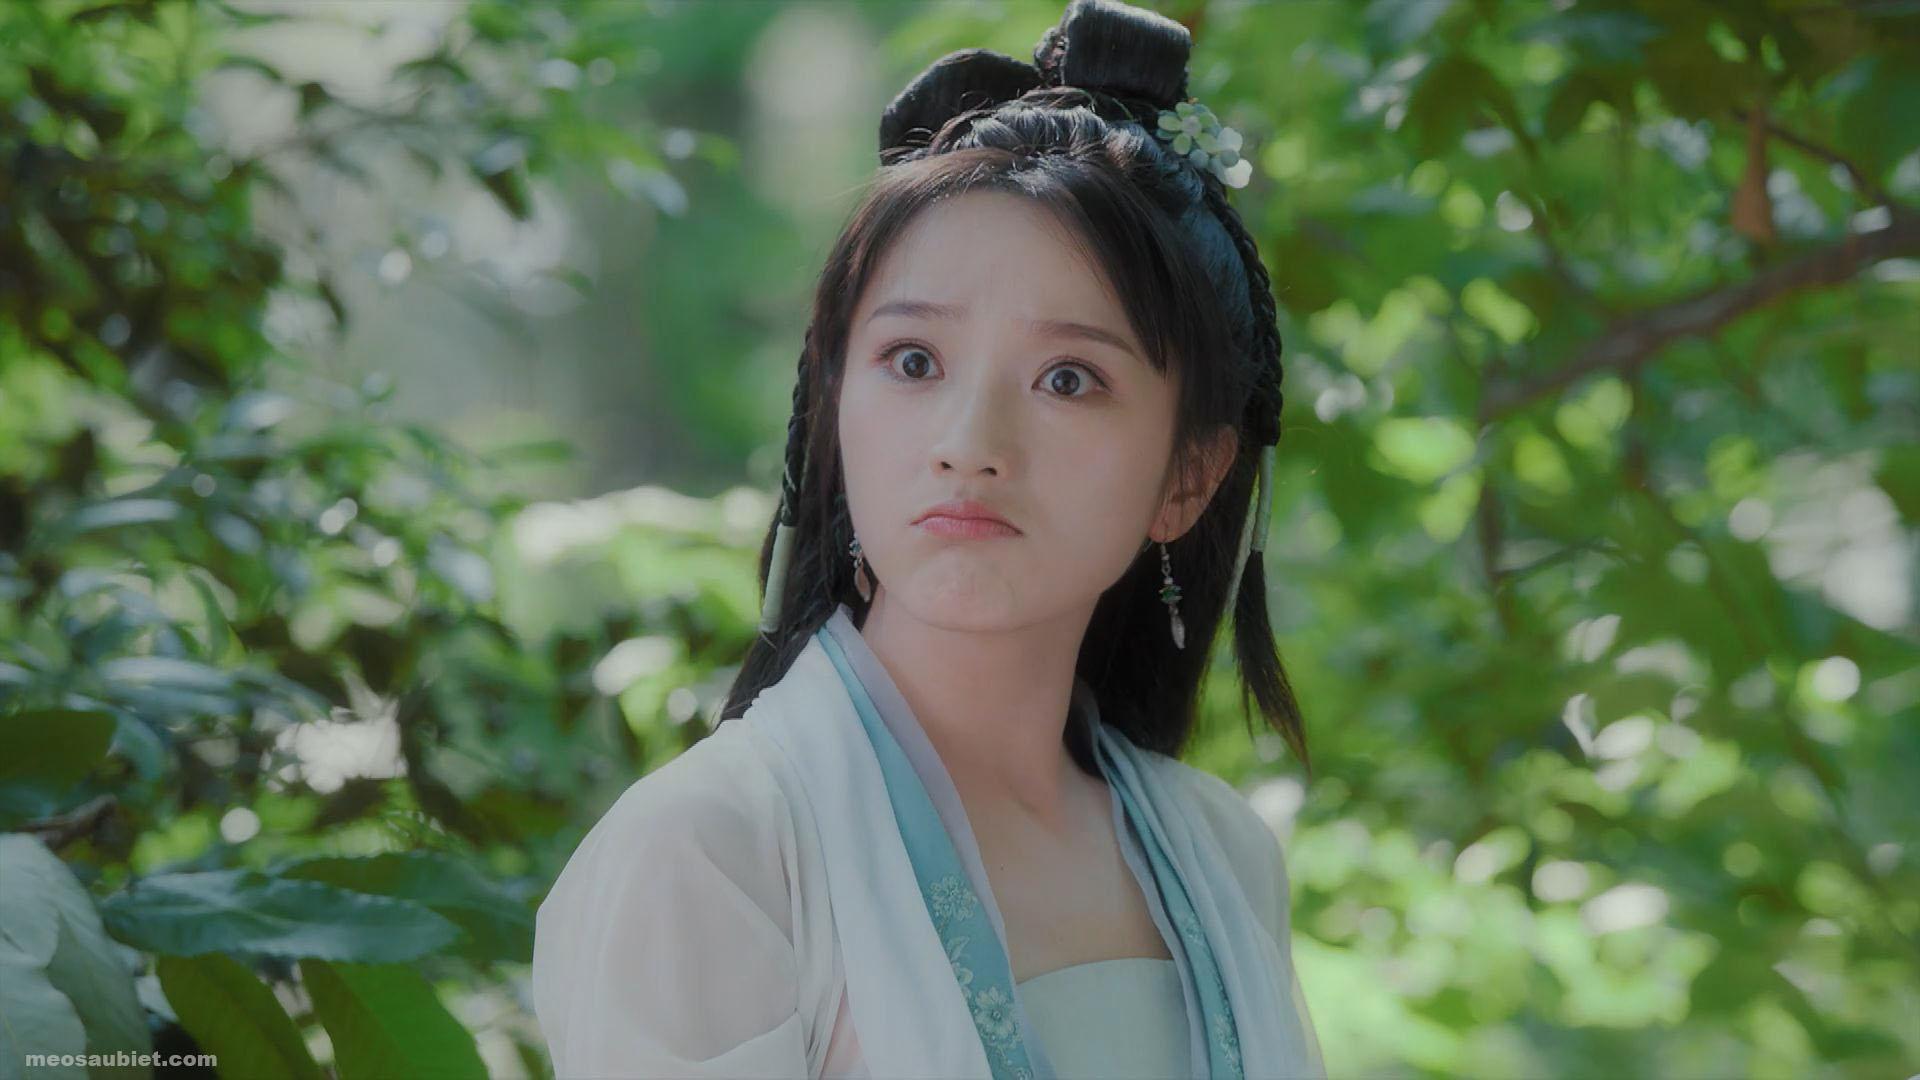 Tân Bạch nương tử truyền kỳ 2019 Tiêu Yến trong vai Tiểu Thanh